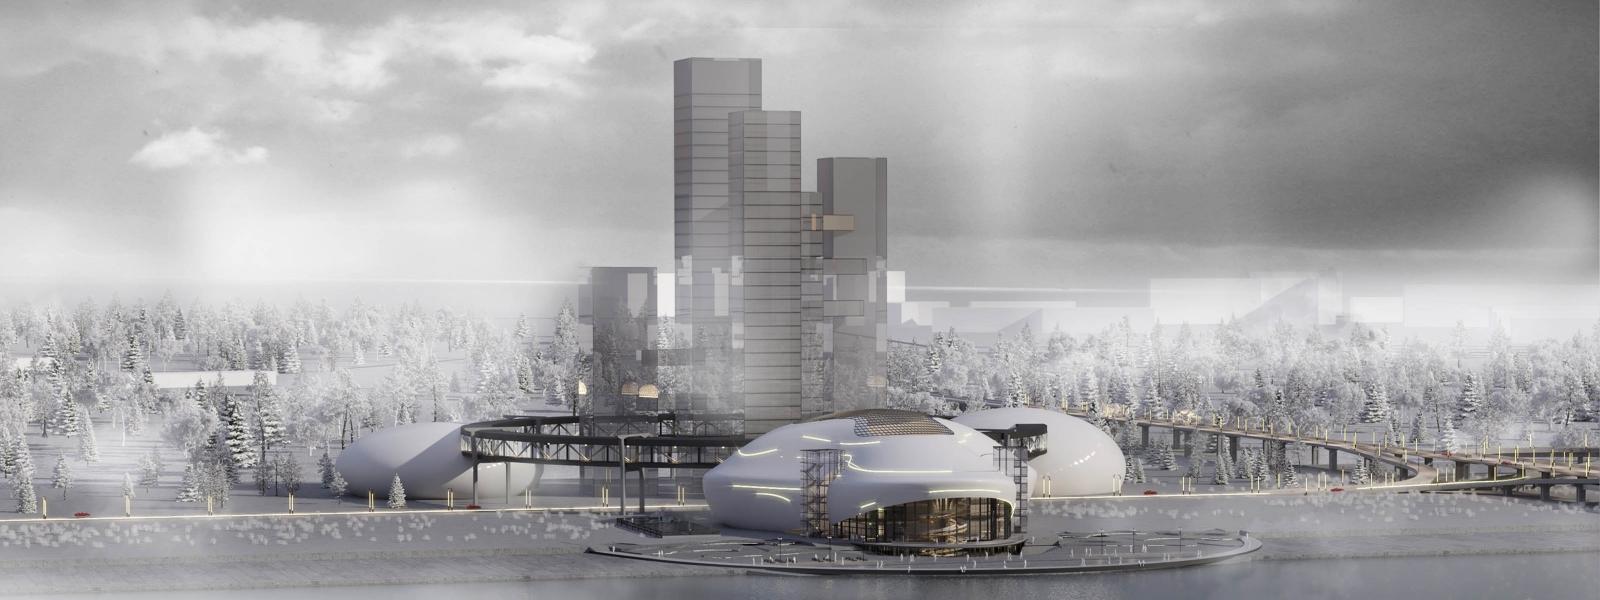 work-Многофункциональный комплекс с оперным театром на 1000 мест